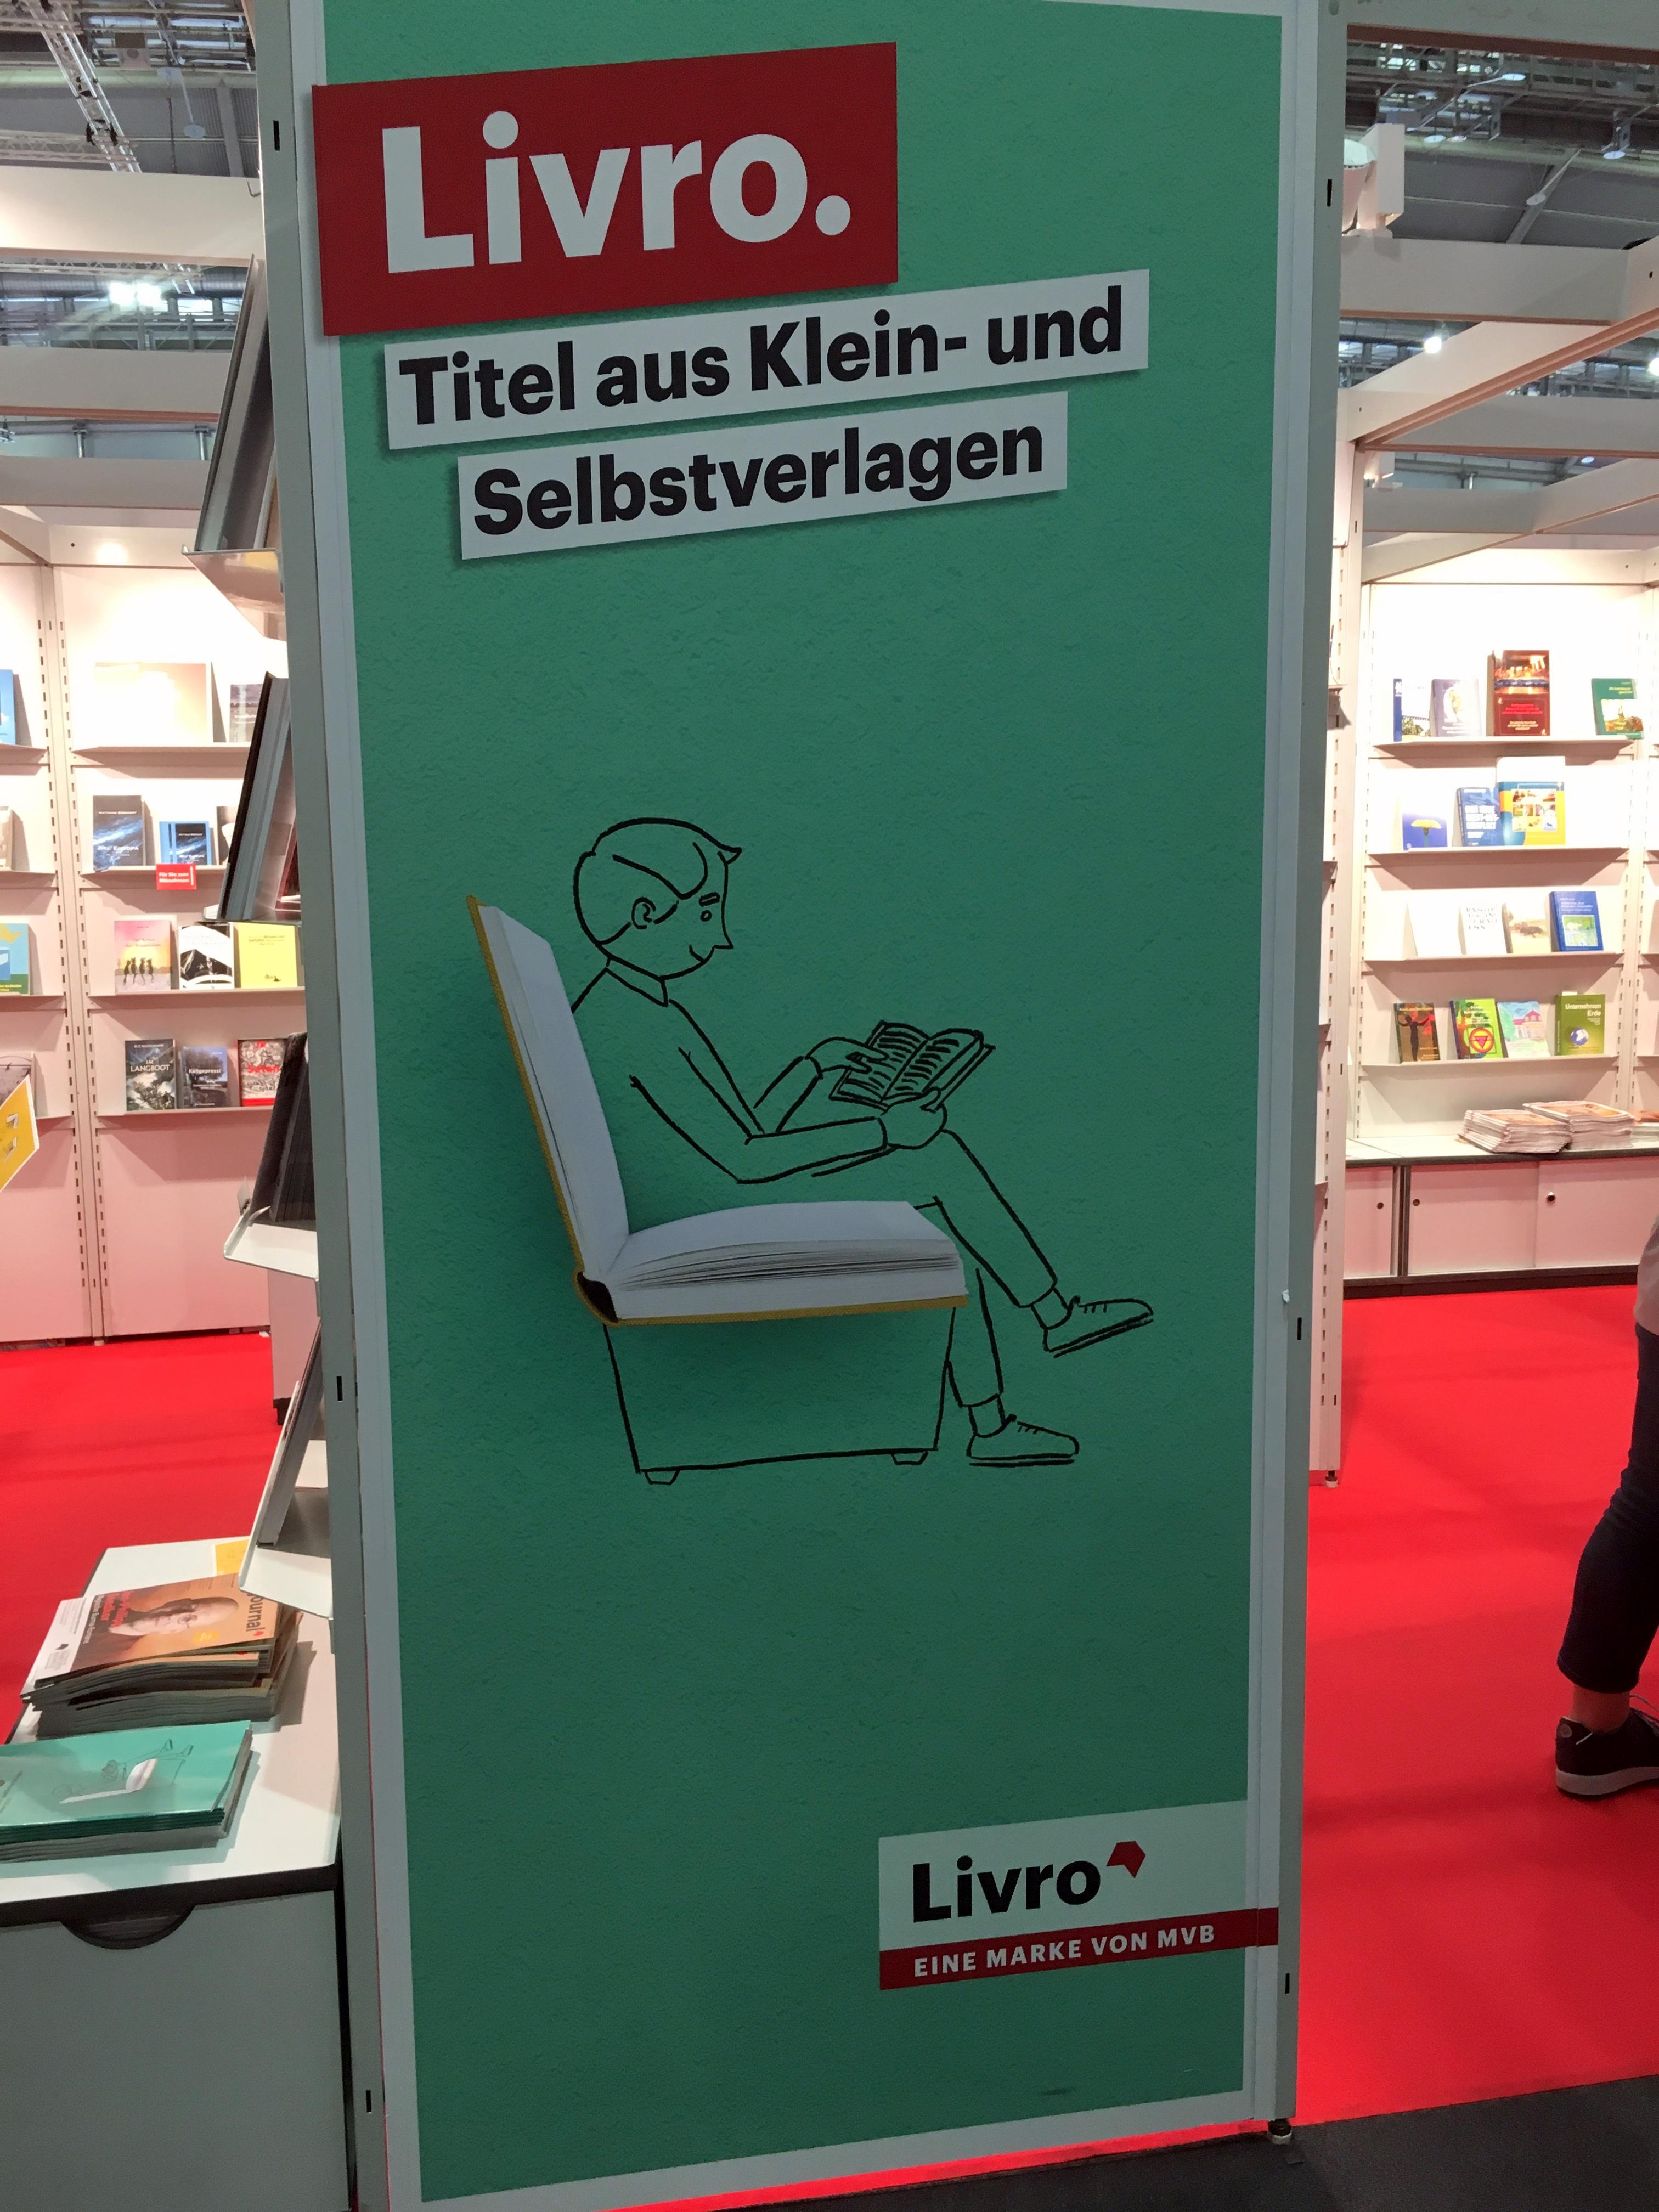 """Der Livro-Stand ist für unabhängige Verlage reserviert, in denen der neueste Roman """"Hummerjahre"""" von Nicola H. Cosentino vorgestellt wurde"""